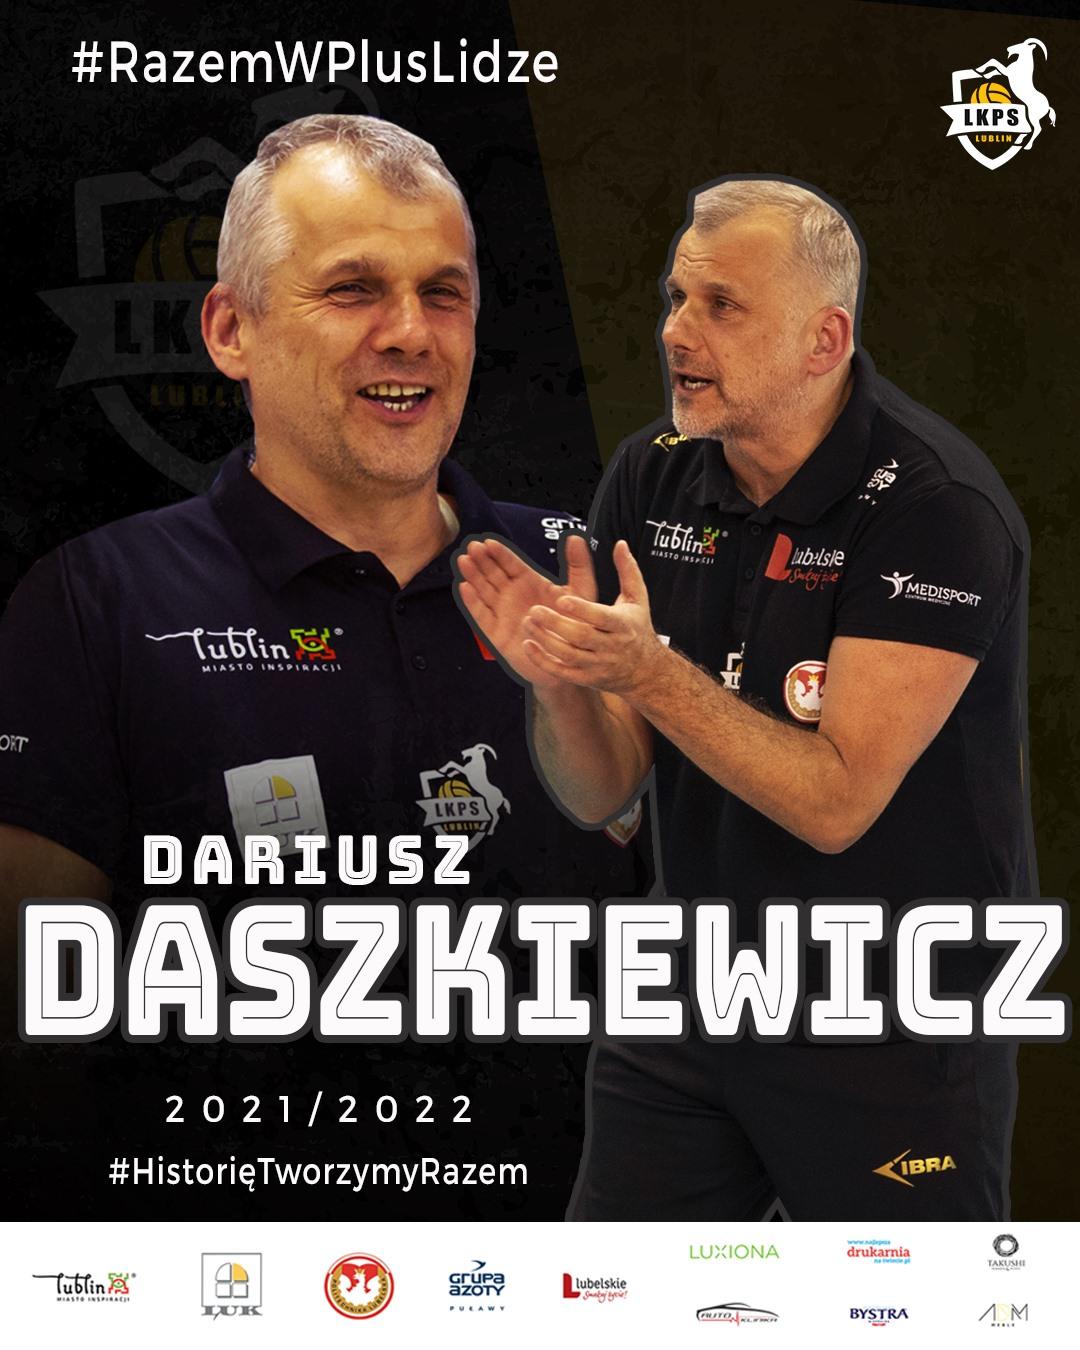 Trener Daszkiewicz na dłużej z LUK Politechnika Lublin